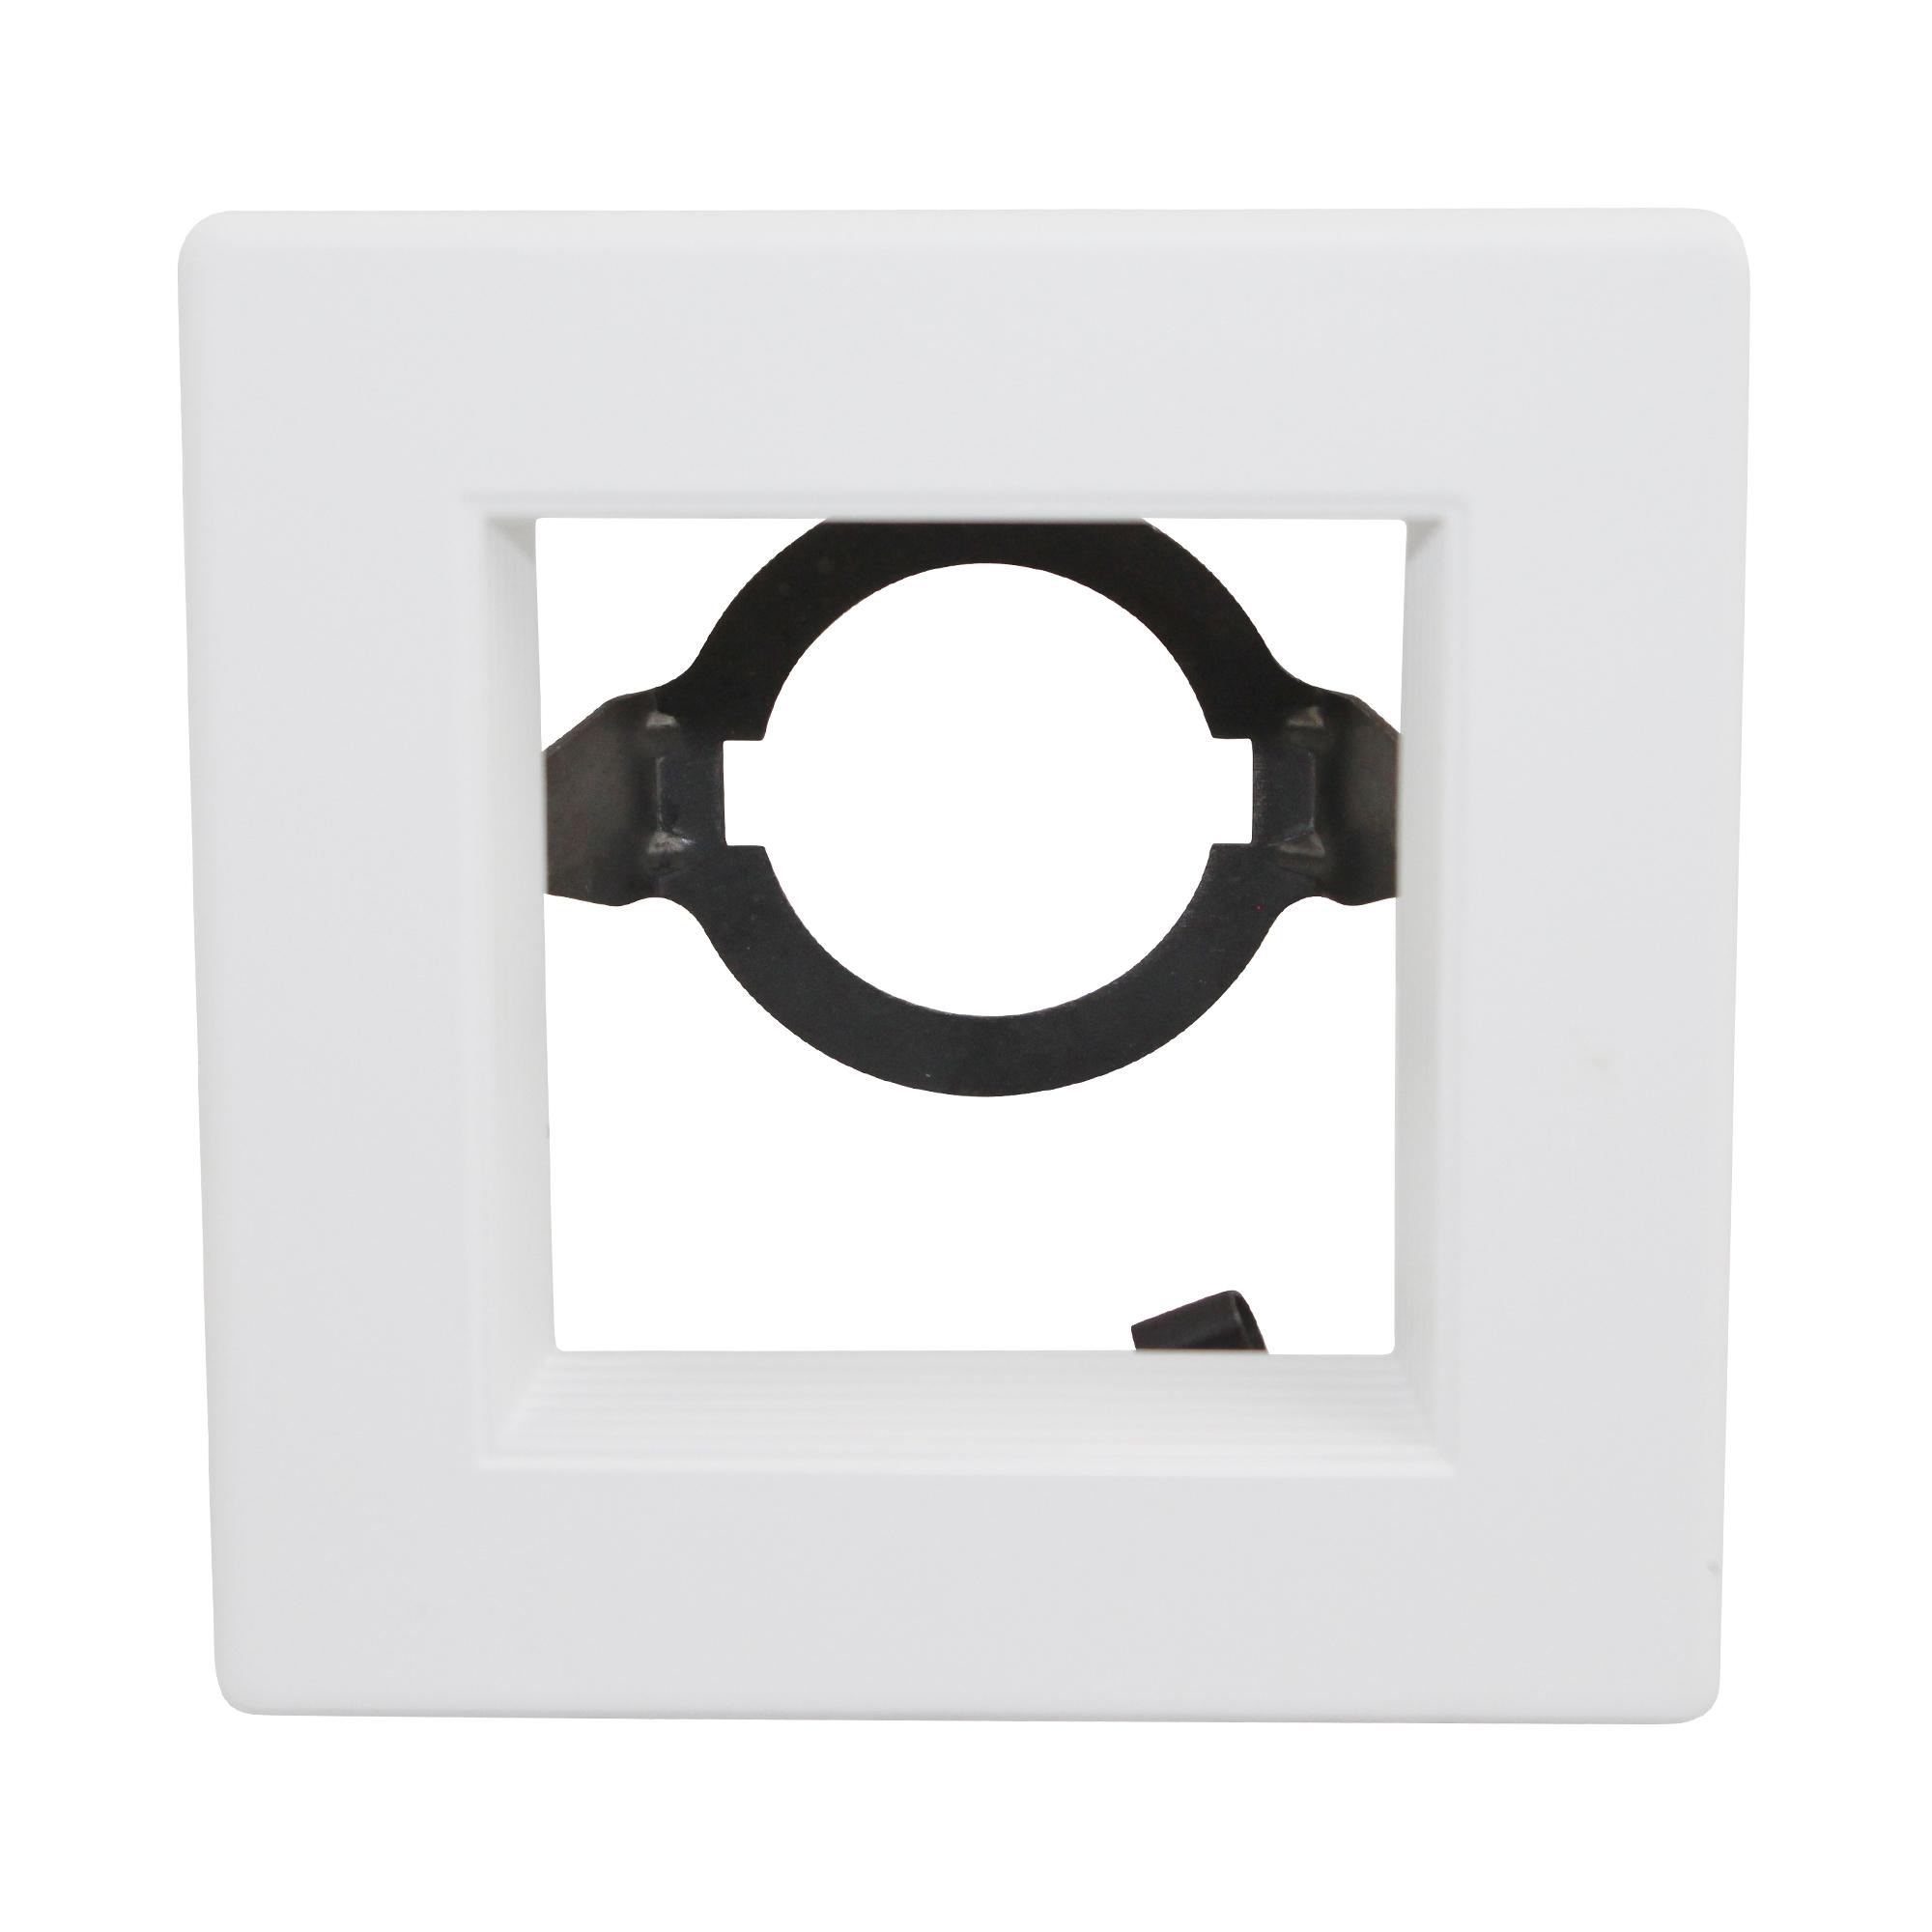 Capri lighting 4 square trim r451 recessed ceiling trim for Number of recessed lights per room